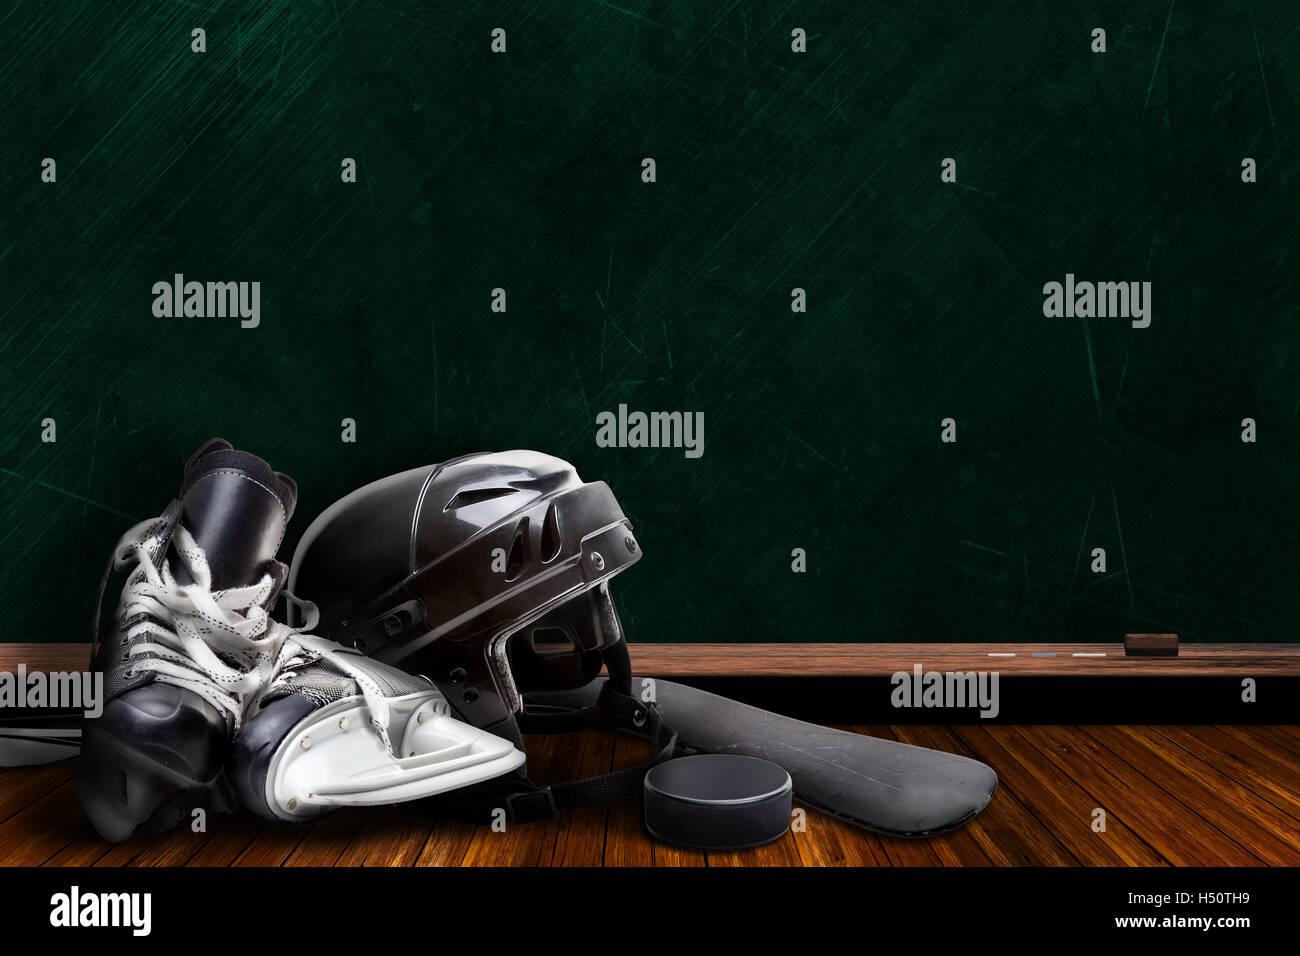 L'équipement de hockey sur glace composée de patins, casque, stick et rondelle avec contexte tableau Photo Stock